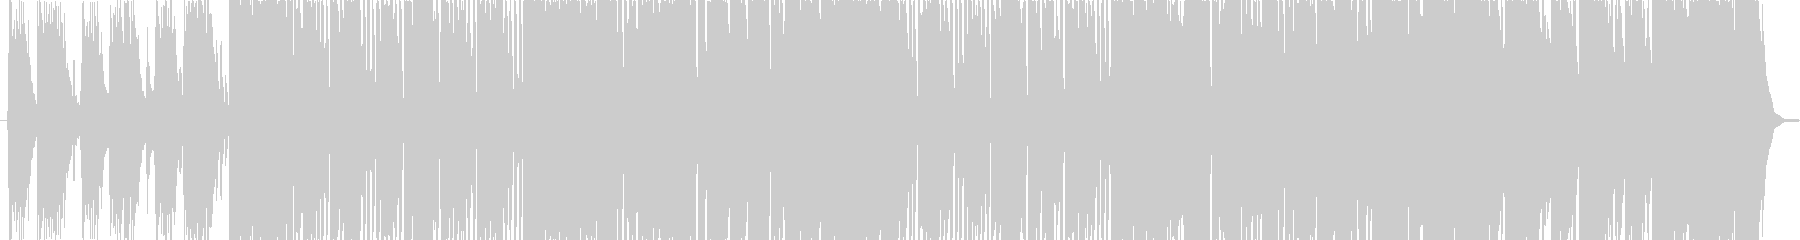 【ほのぼの系】出かけるポップス【映像】の未再生の波形